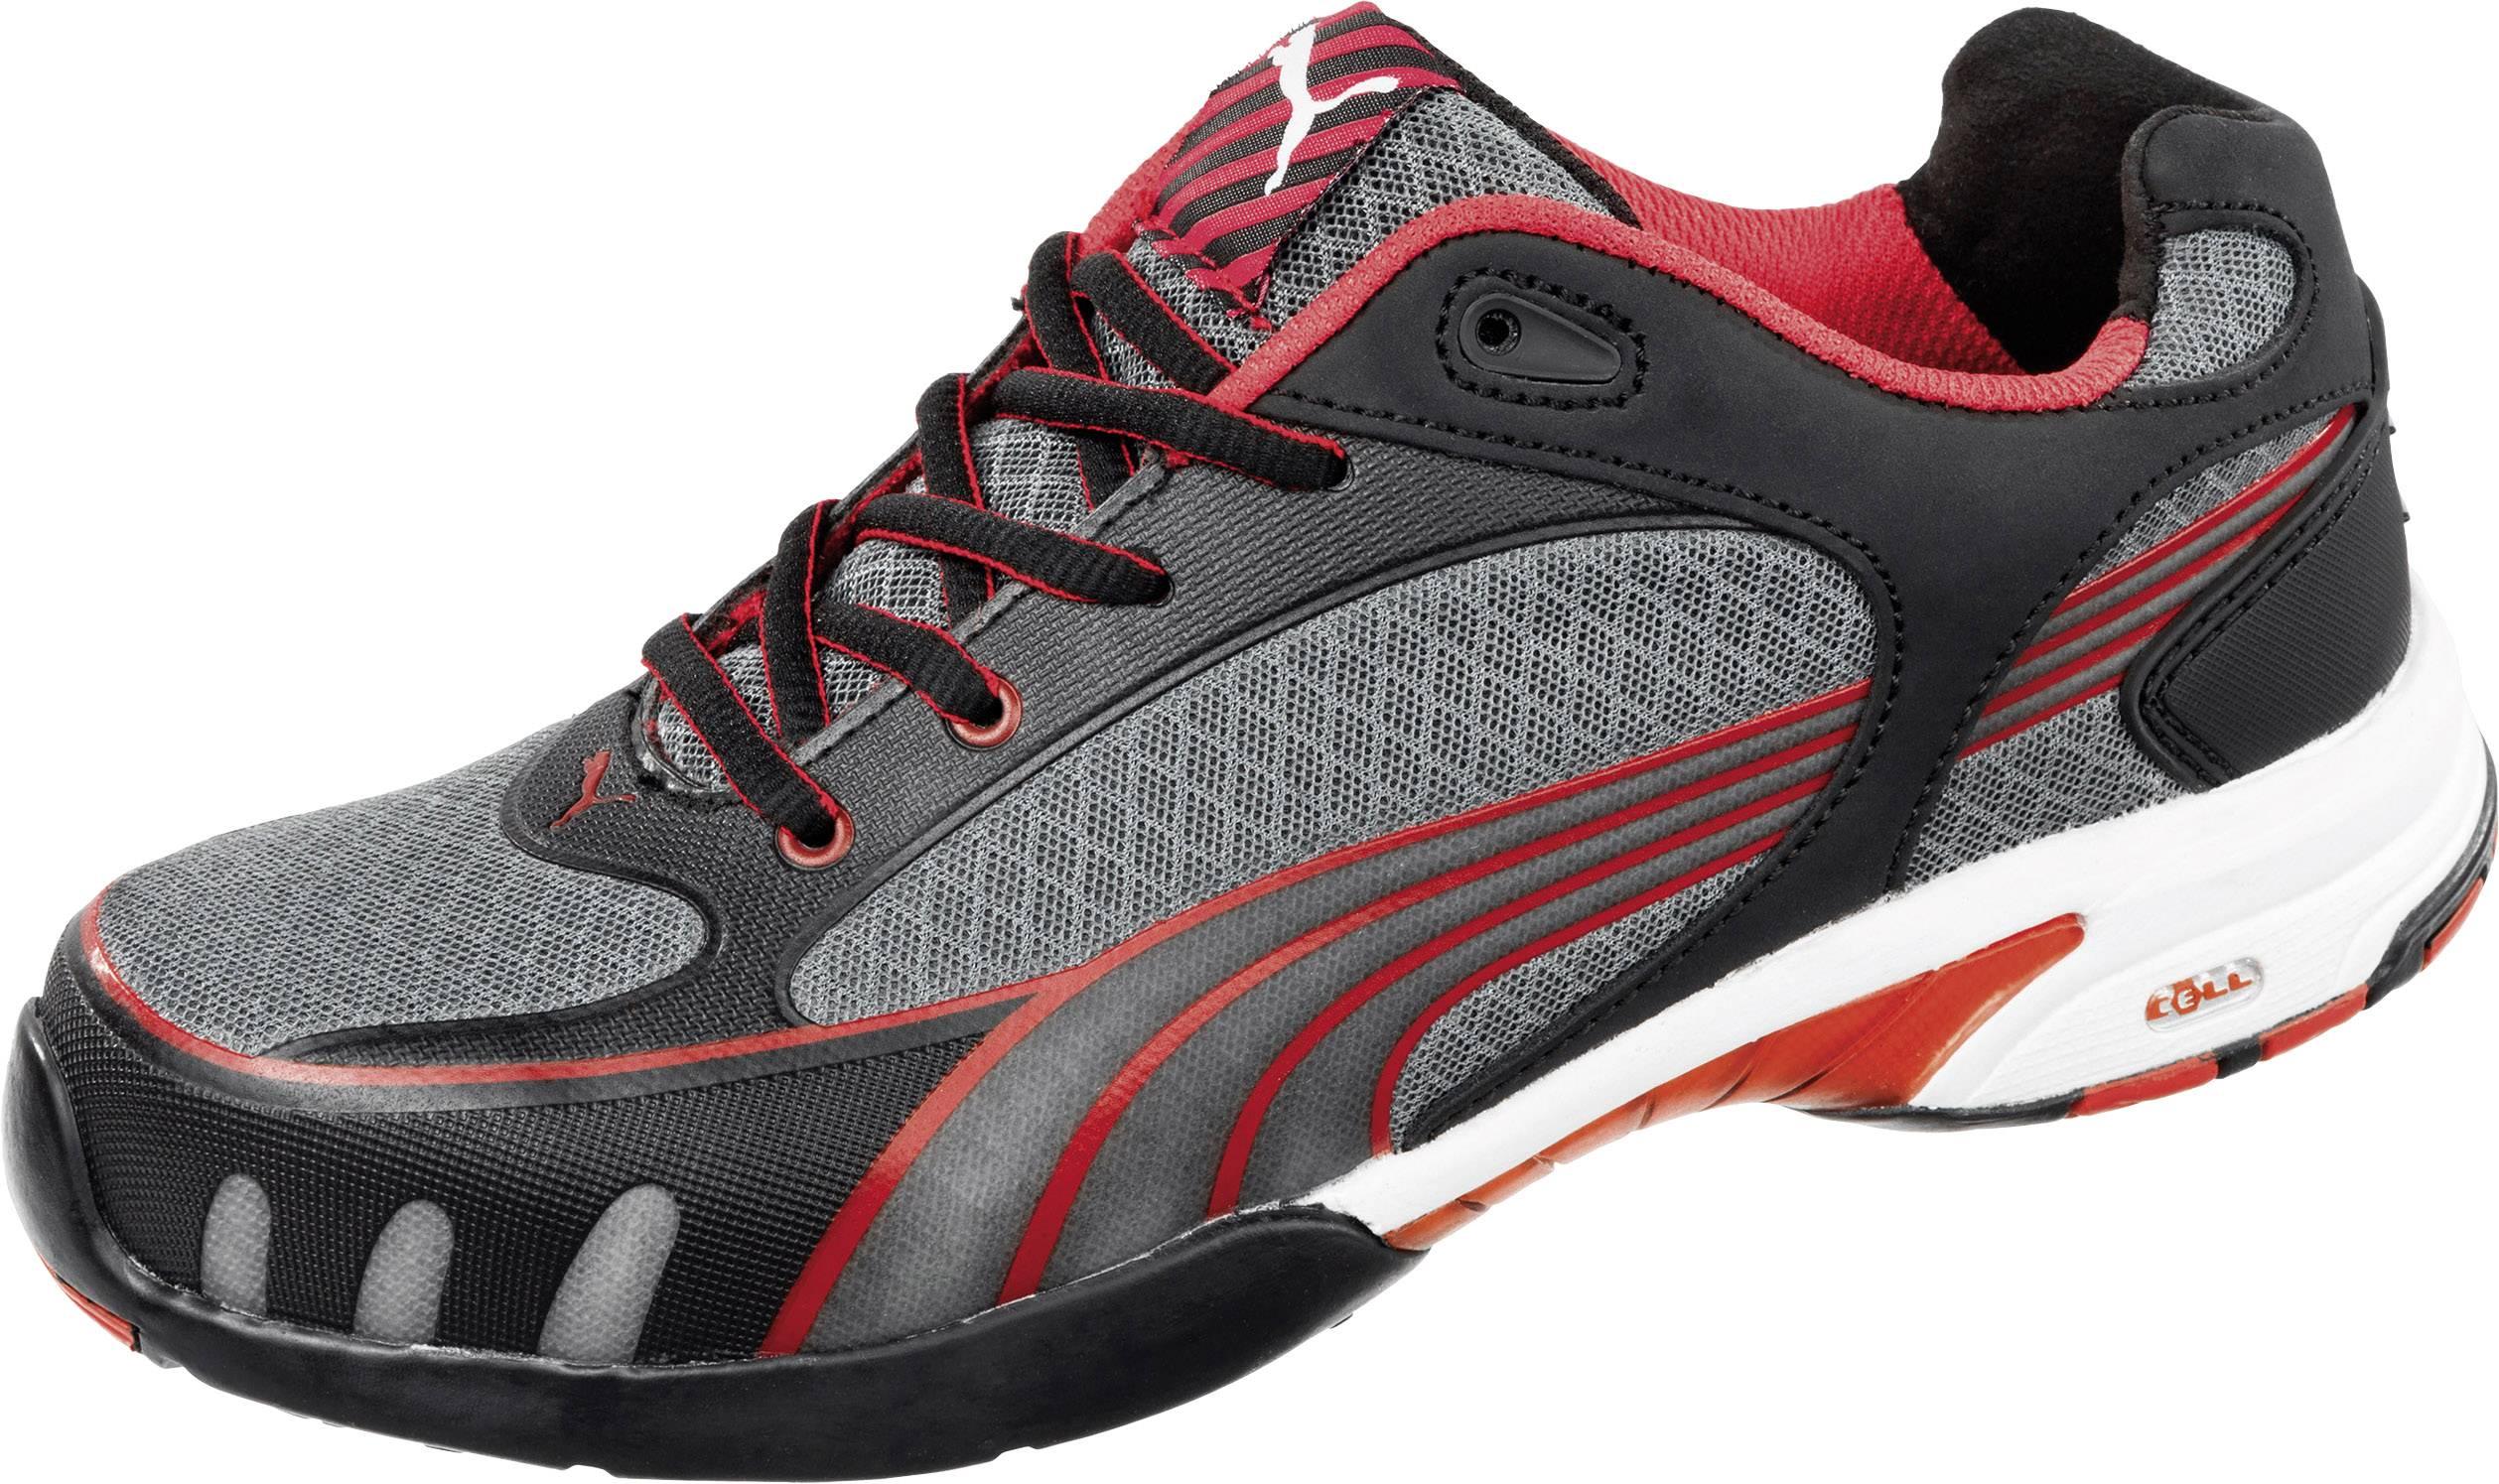 PUMA Safety Fuse Motion Red Wns Low 642870 Sikkerhedssko S1 Størrelse: 36 Sort, Rød 1 pair